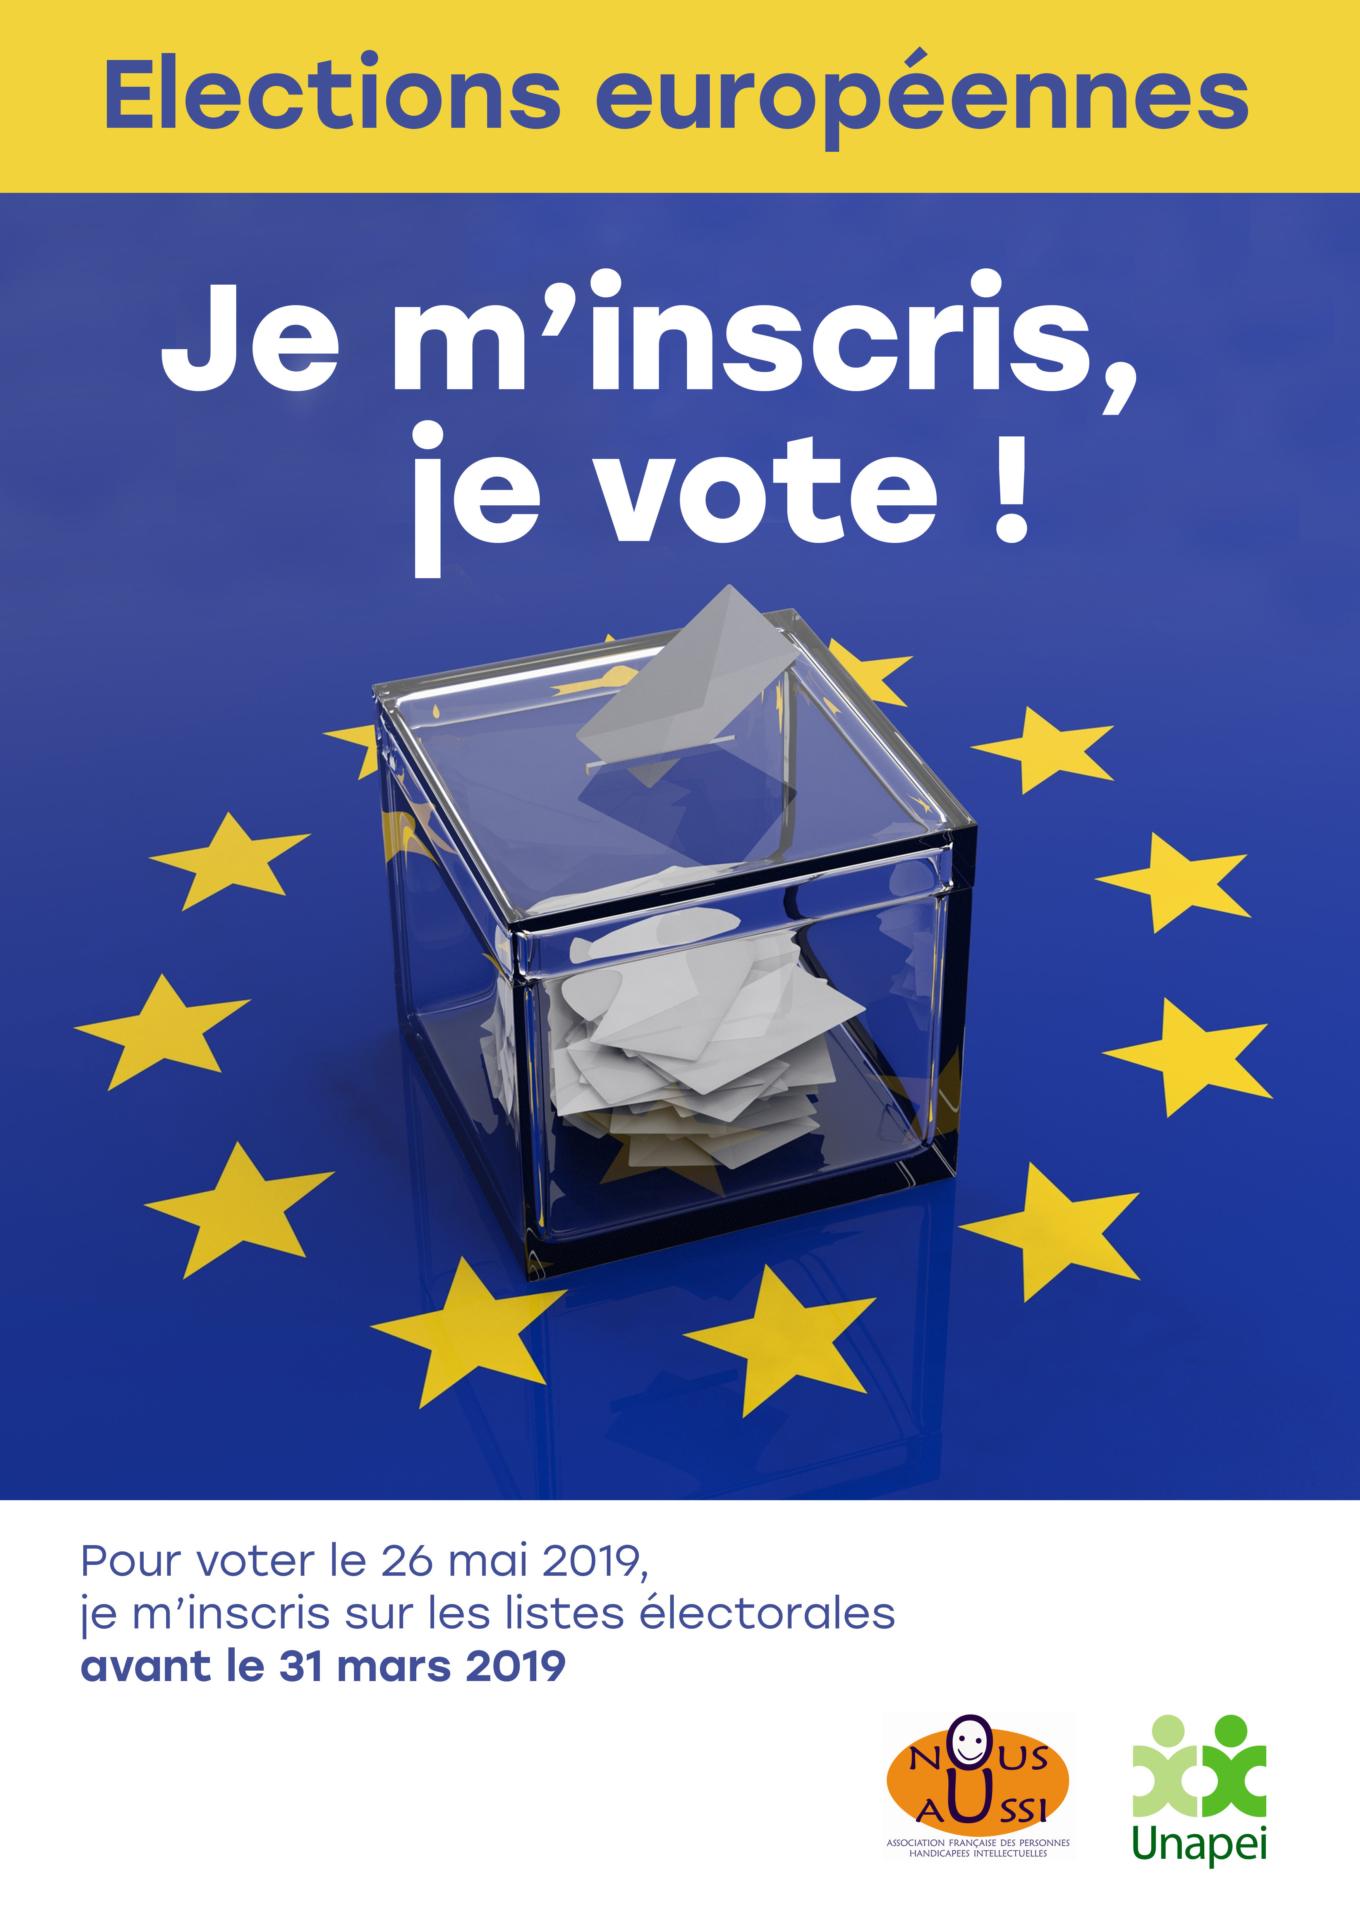 Elections européennes accessibles ?